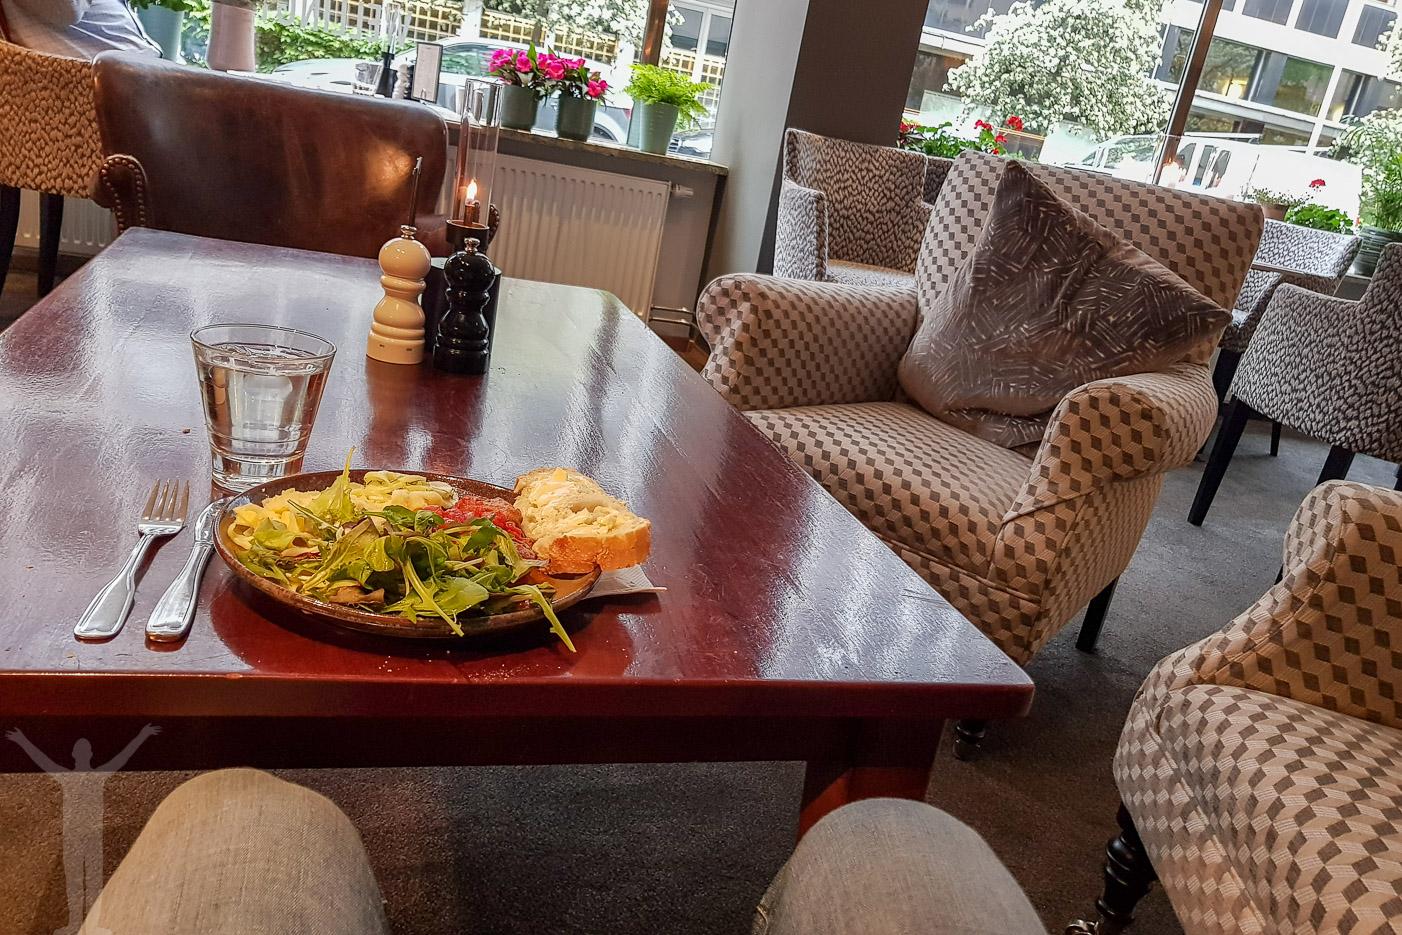 Middag på Clarion Hotel Wellington.